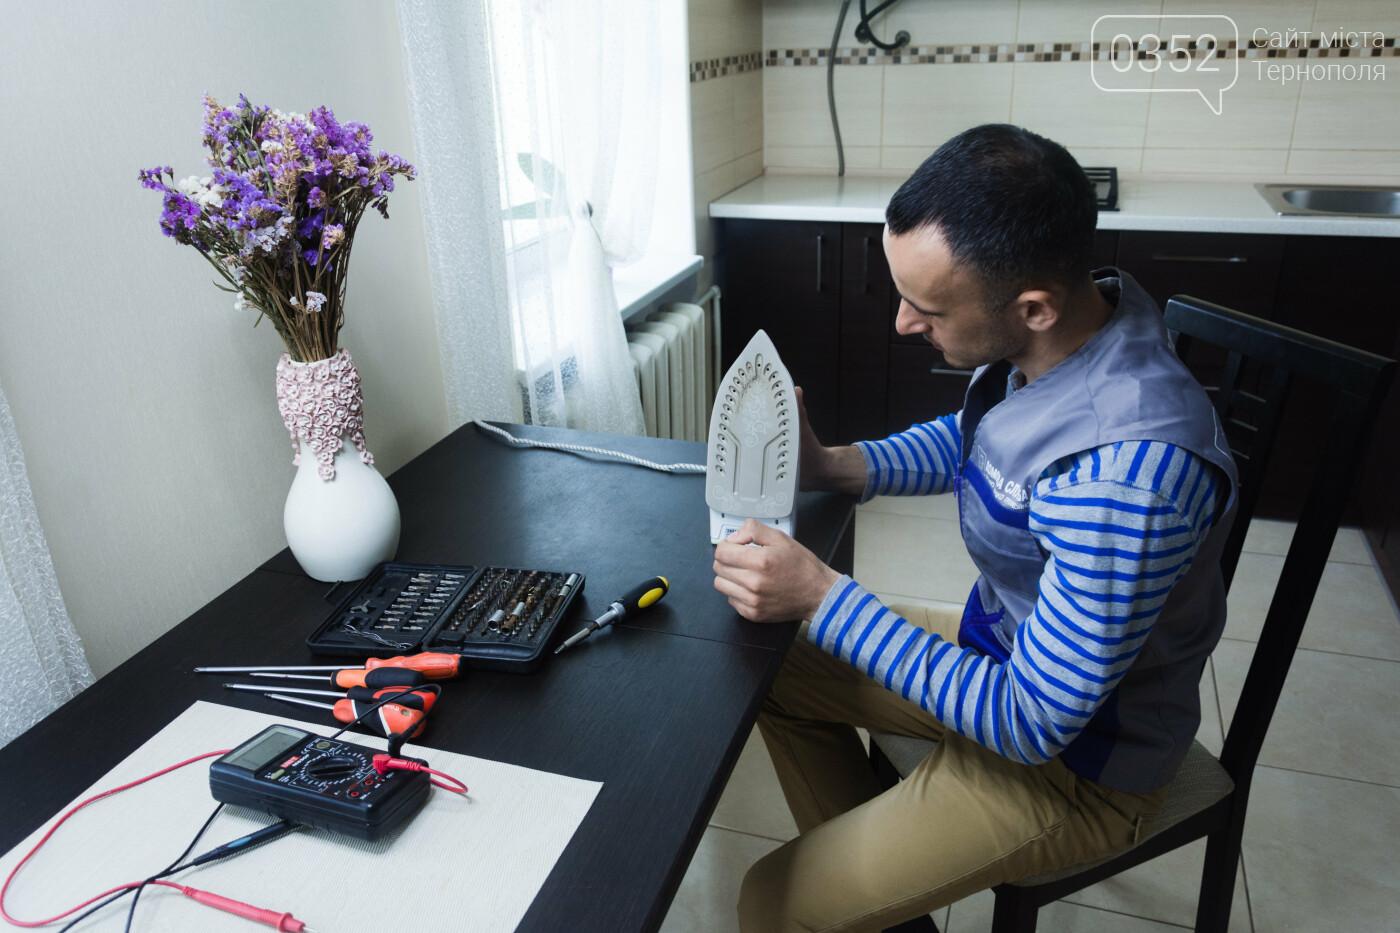 Де можна замовити ремонт побутової техніки в Тернополі, фото-2